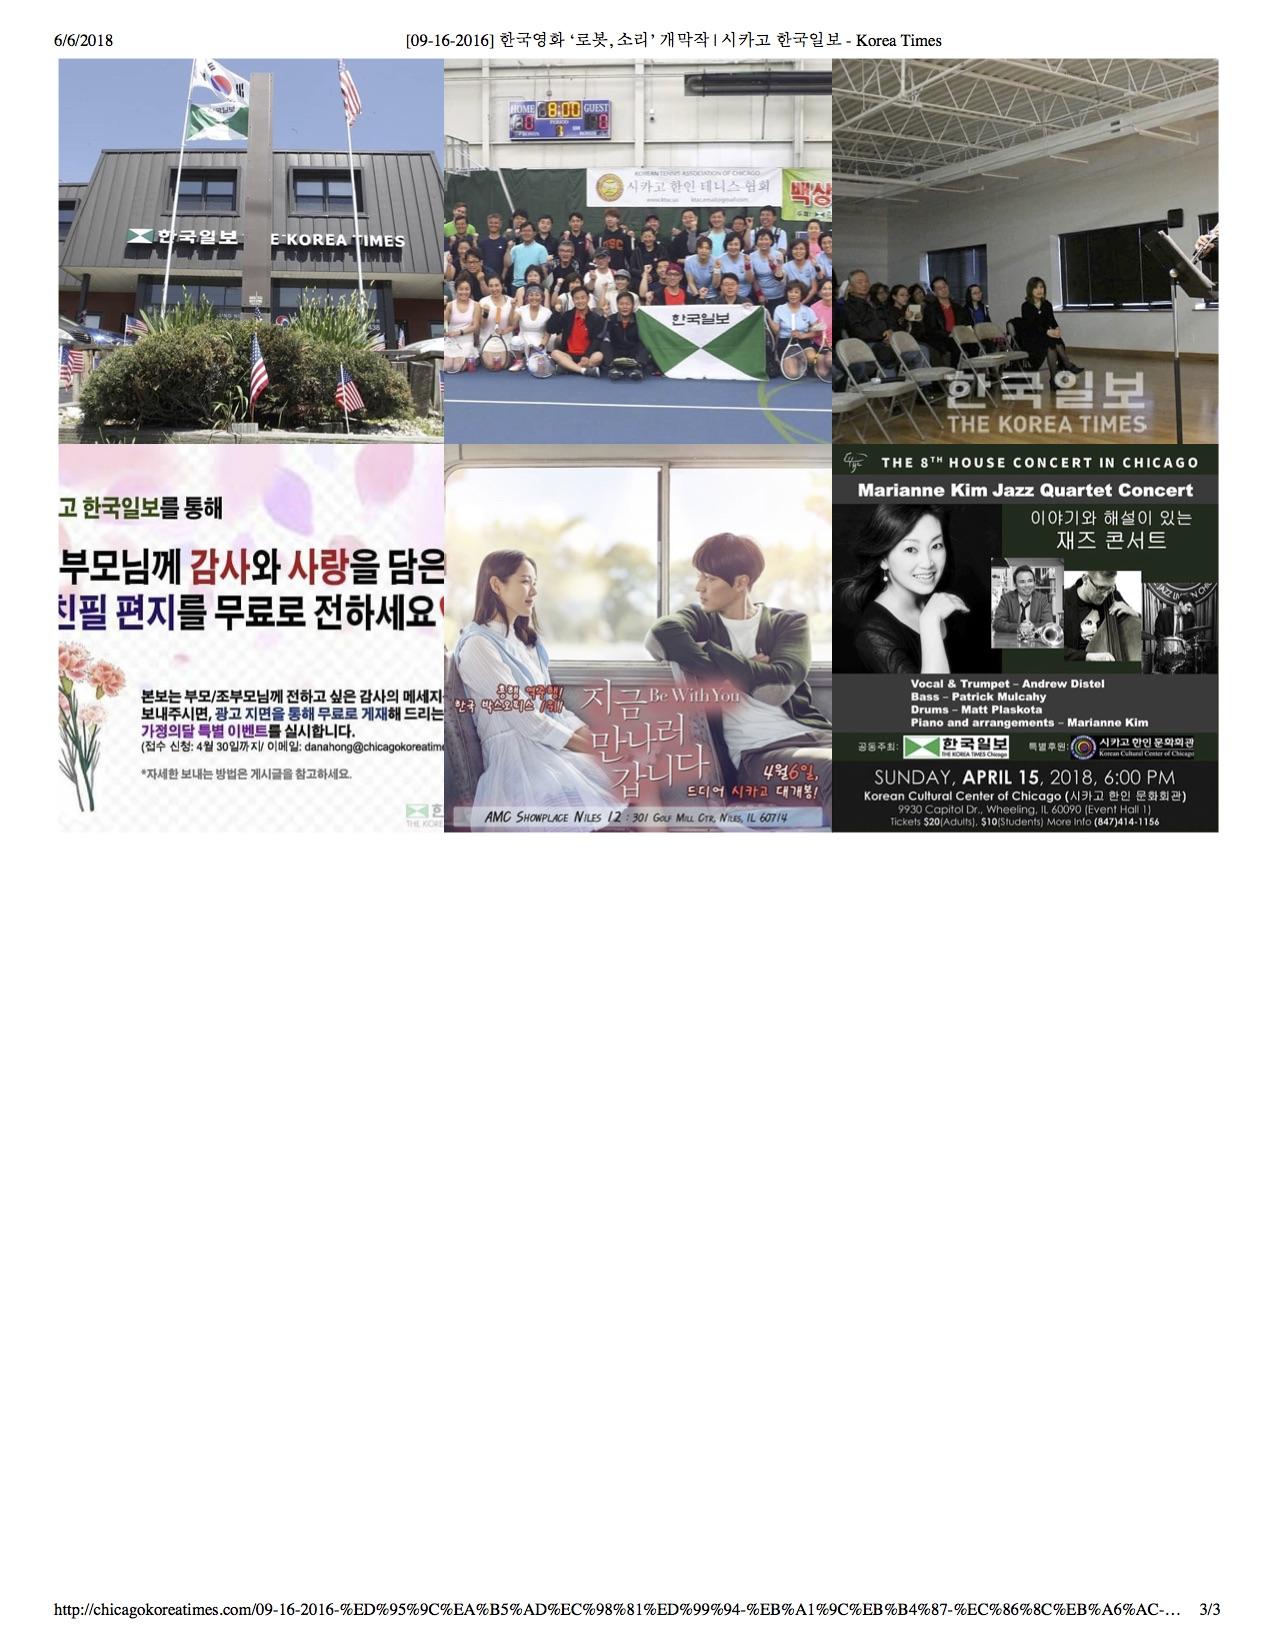 3[09-16-2016] 한국영화 '로봇, 소리' 개막작 _ 시카고 한국일보 - Korea Times.jpg